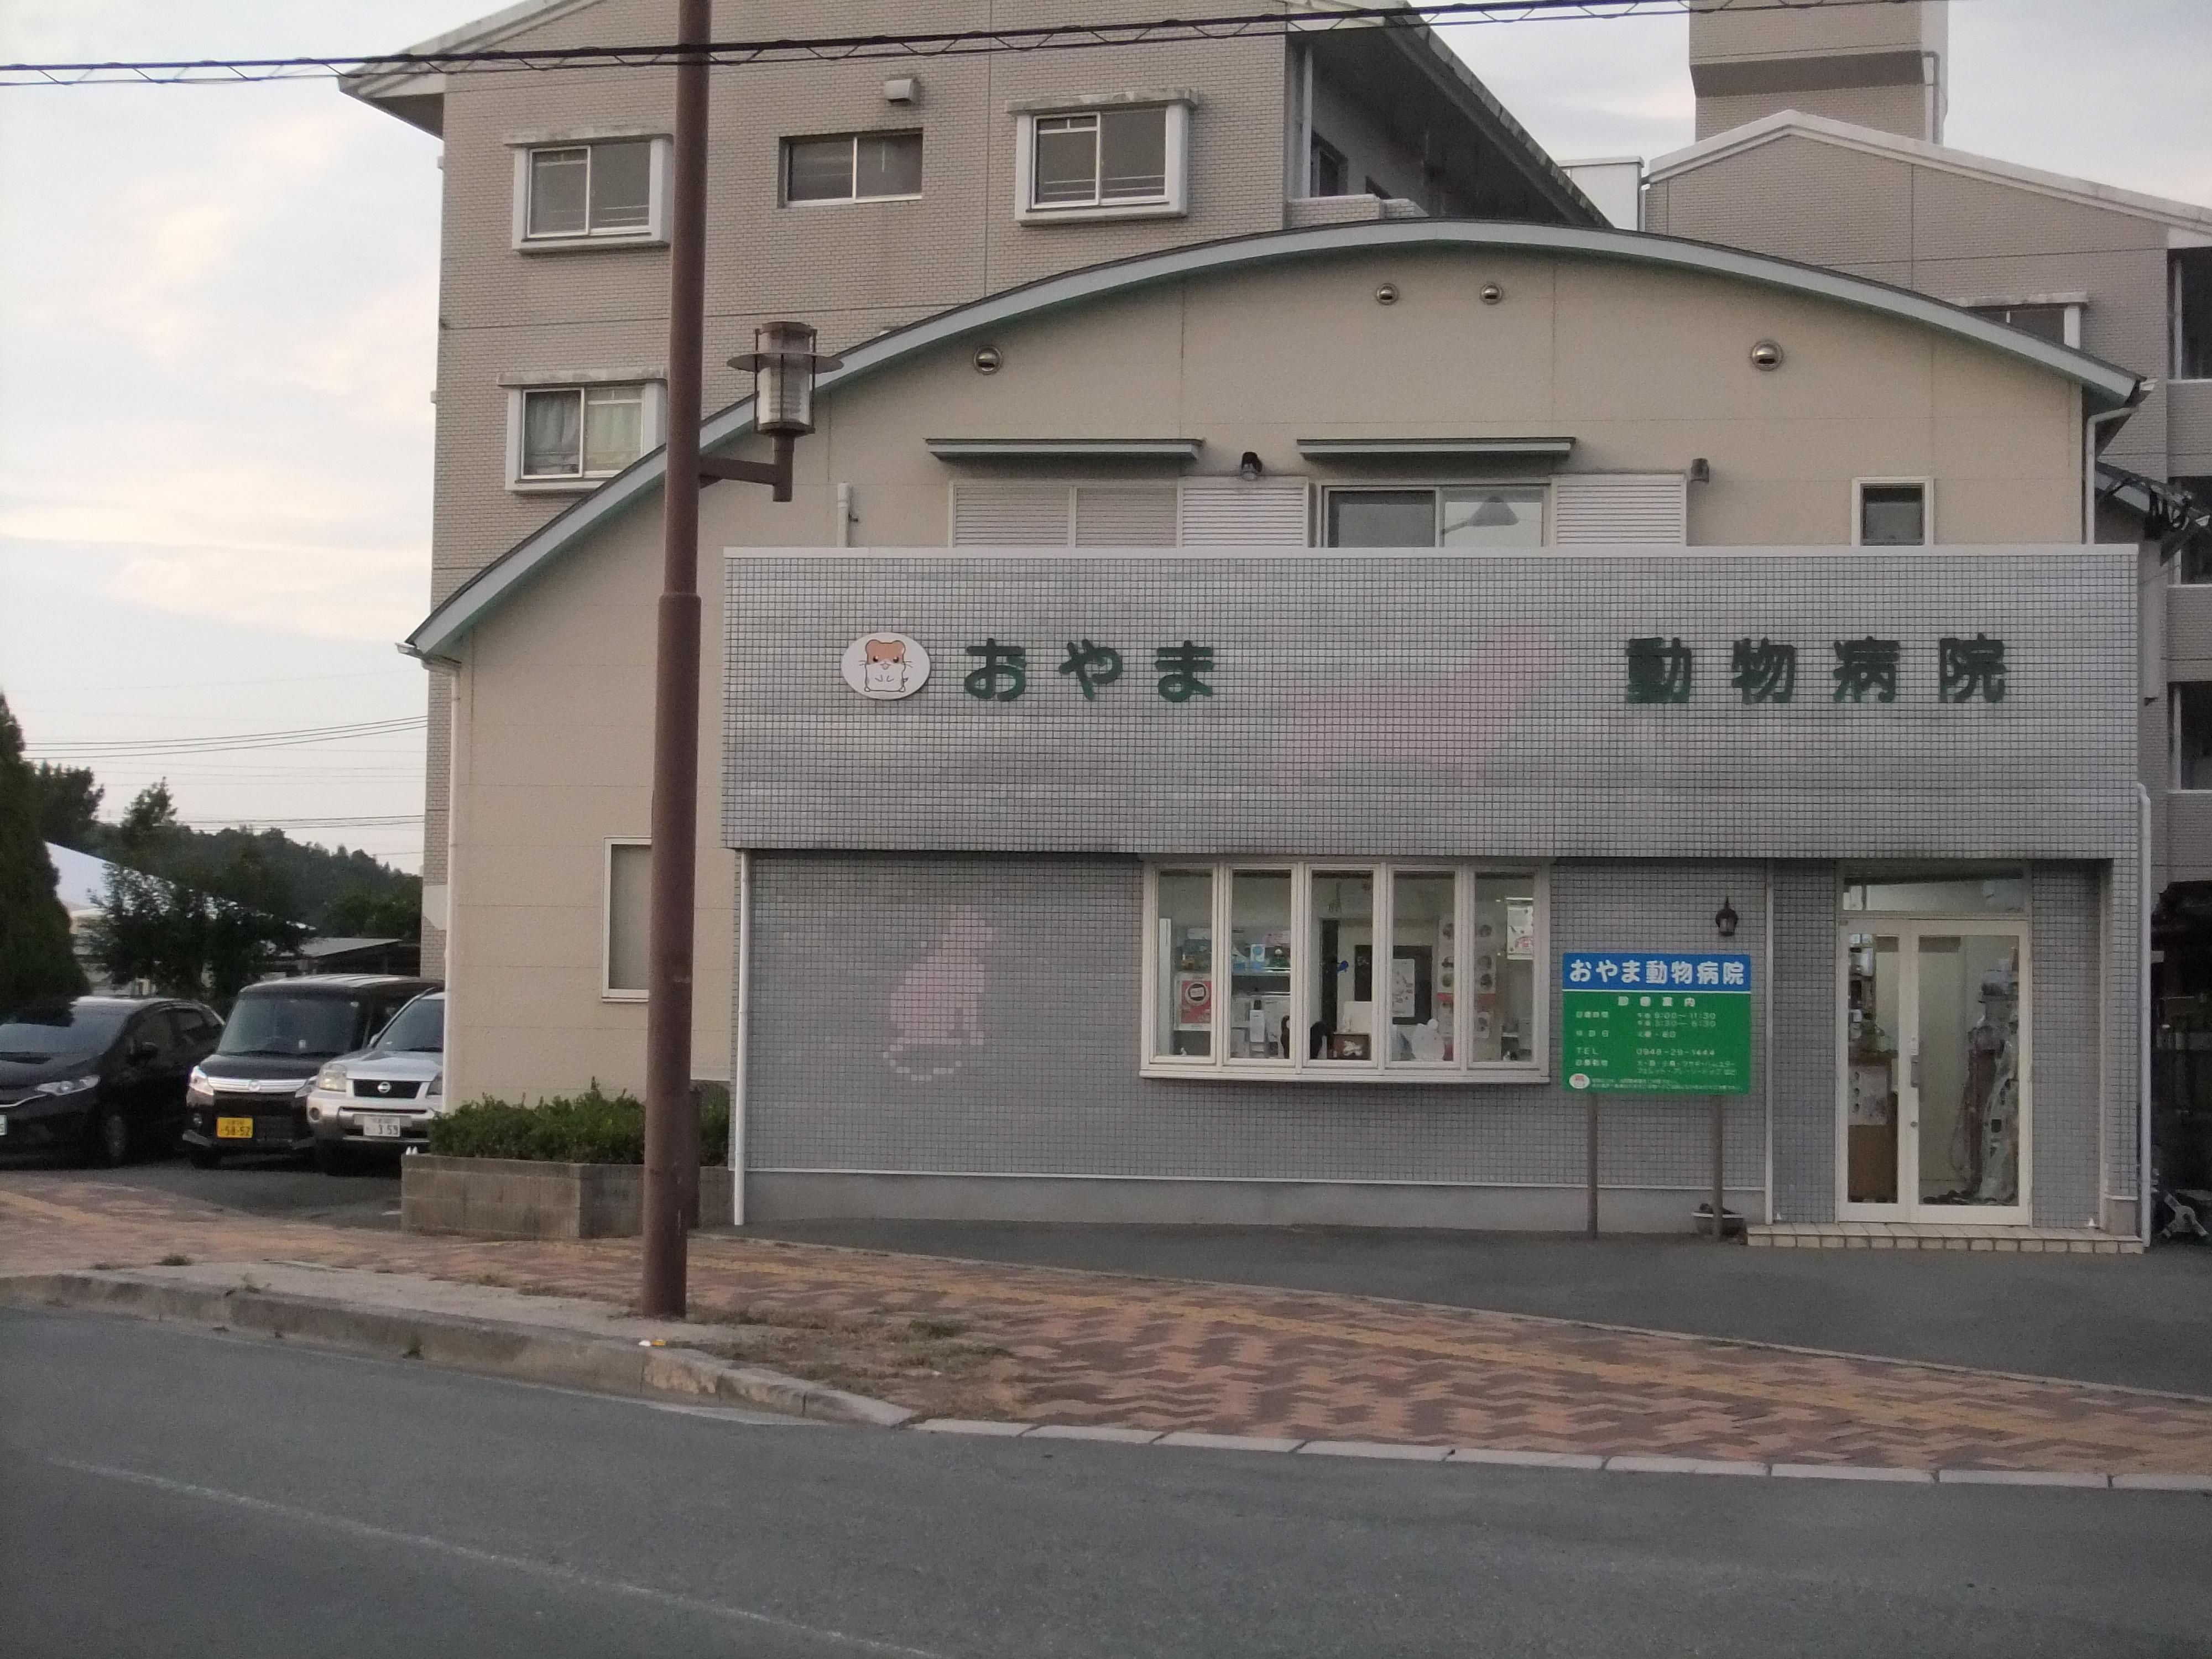 福岡県 飯塚市 動物看護士募集 おやま動物病院